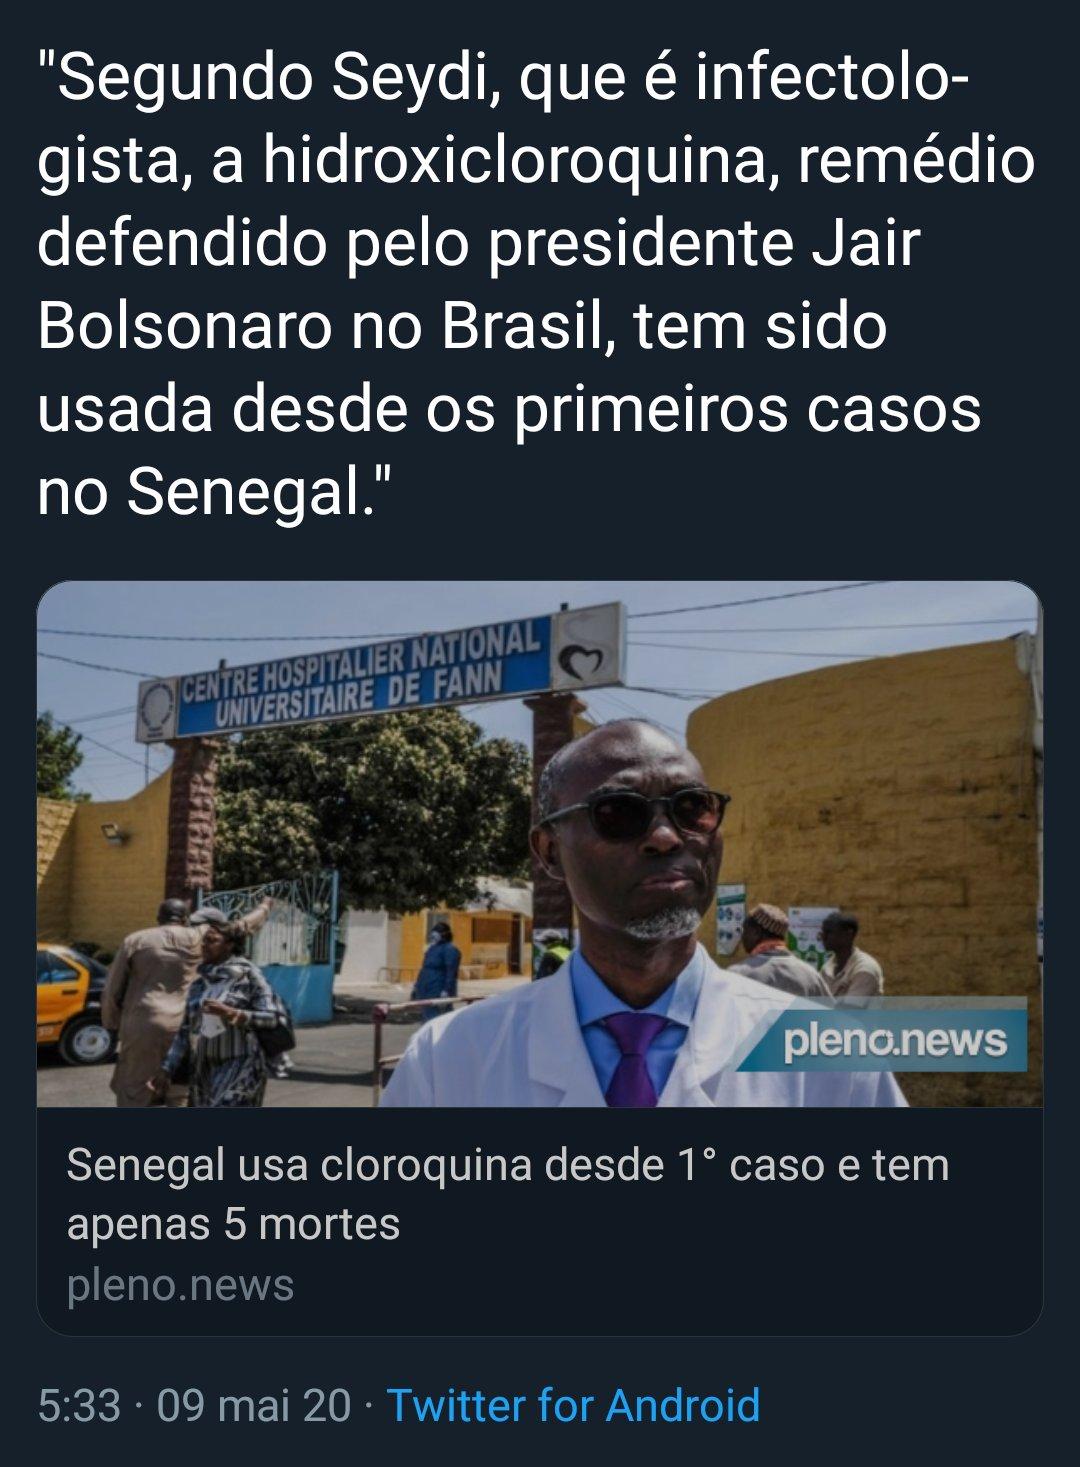 Senegal NÃO tem apenas cinco mortes por Covid-19 e NÃO usa cloroquina desde o primeiro caso